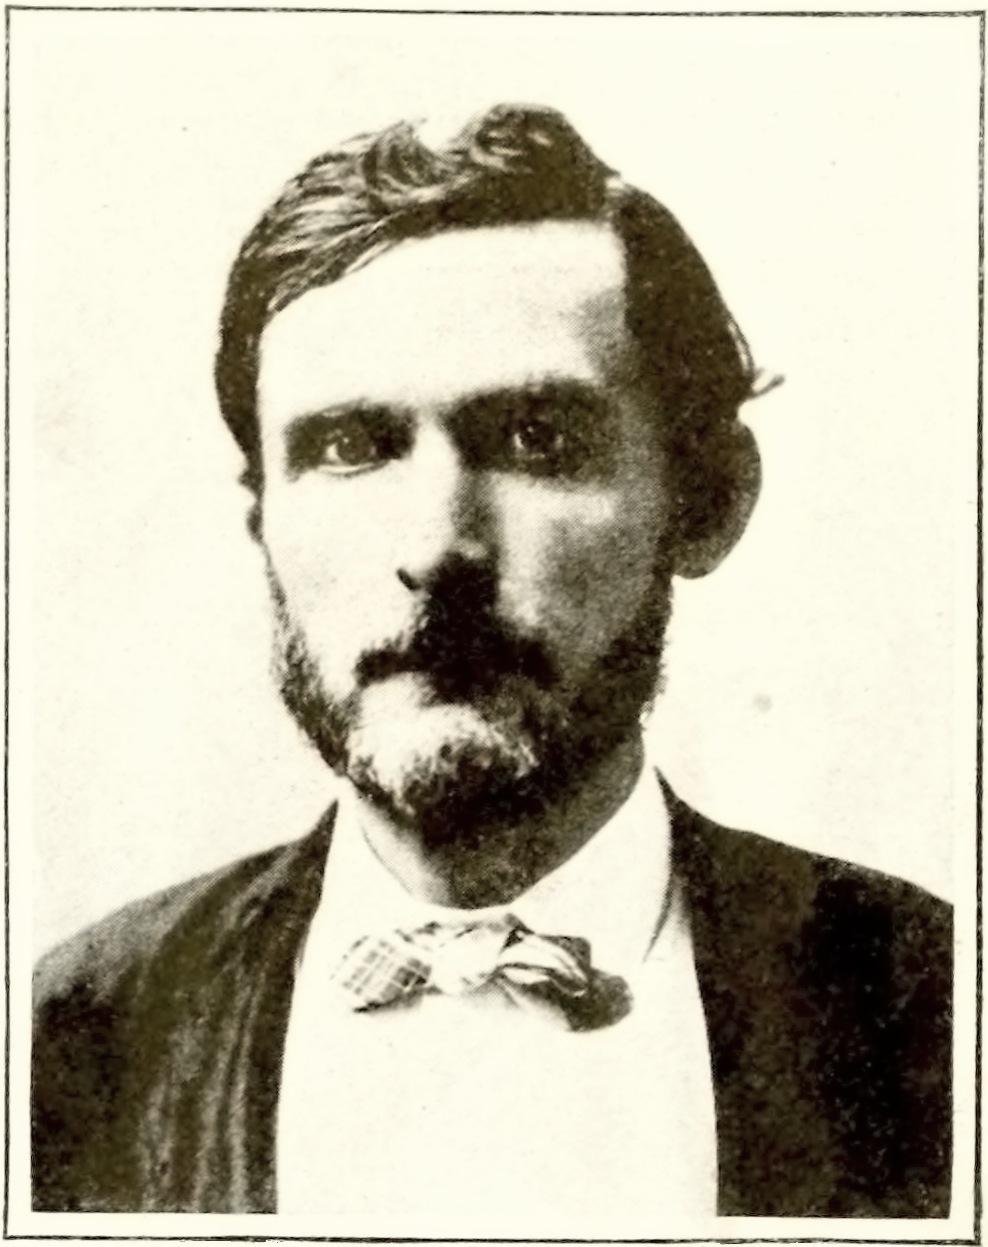 Woodville Latham portrait